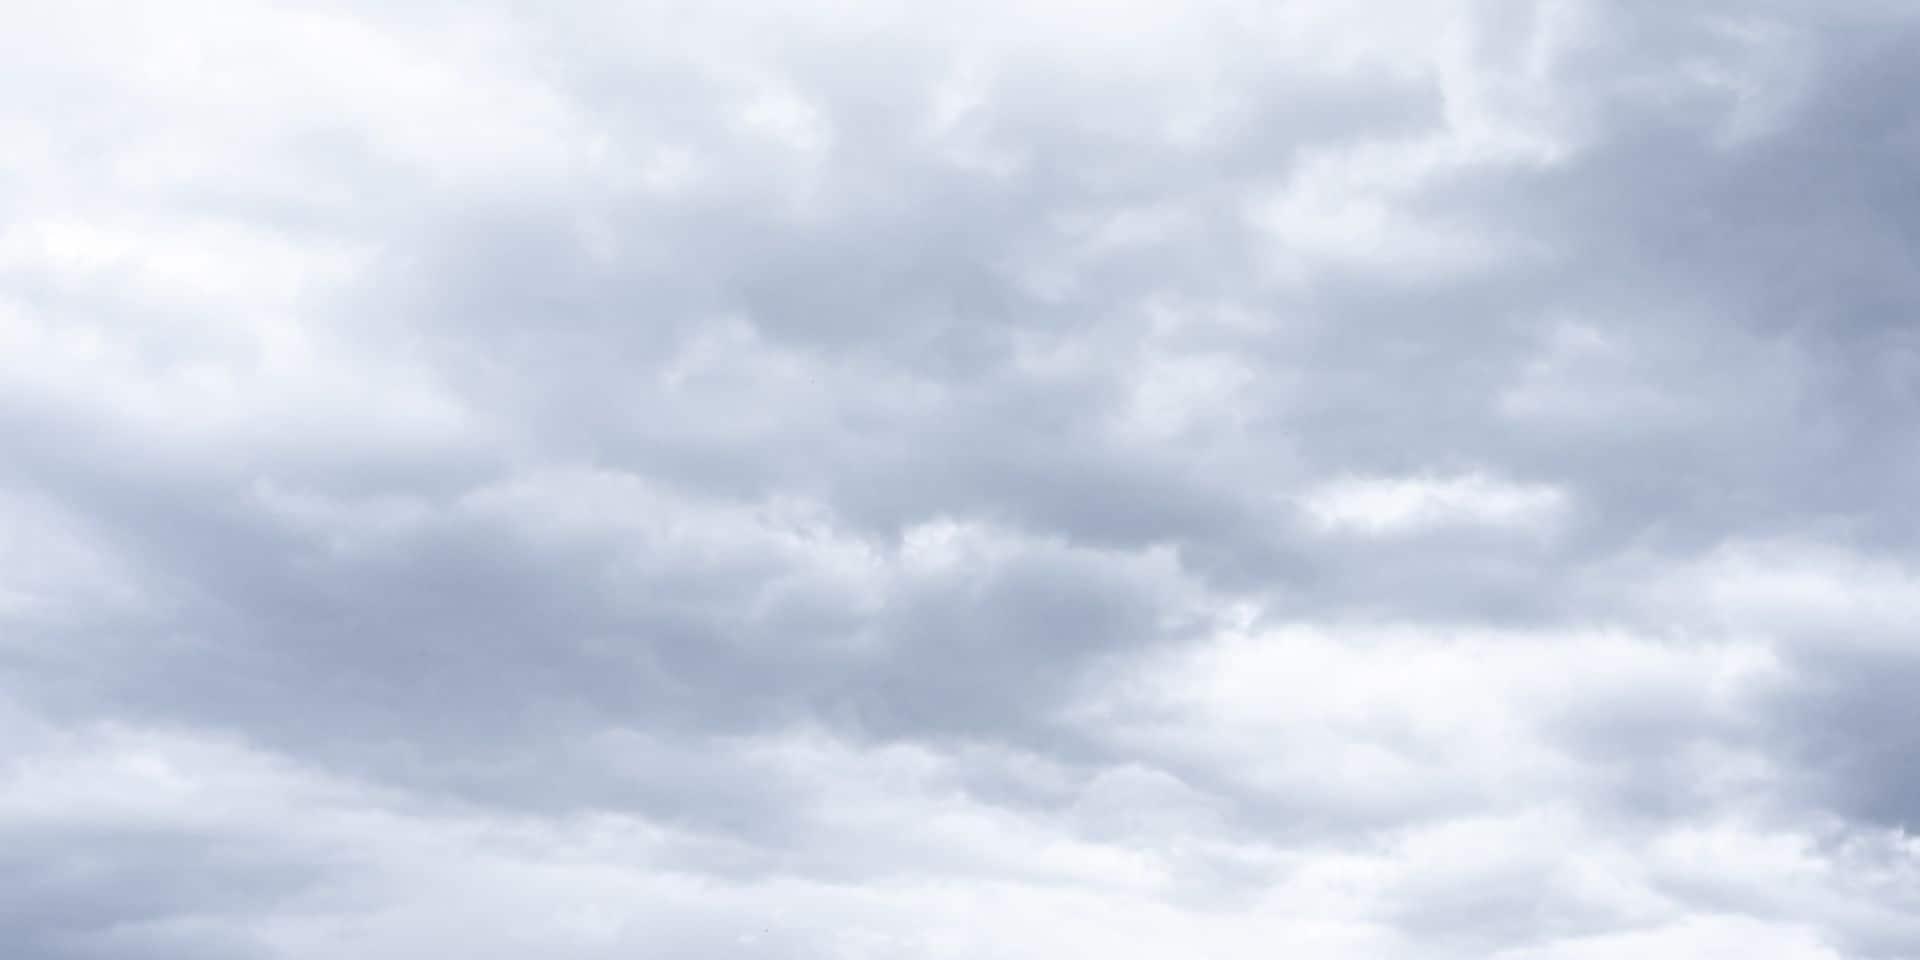 Météo: après les orages, un week-end un peu plus calme